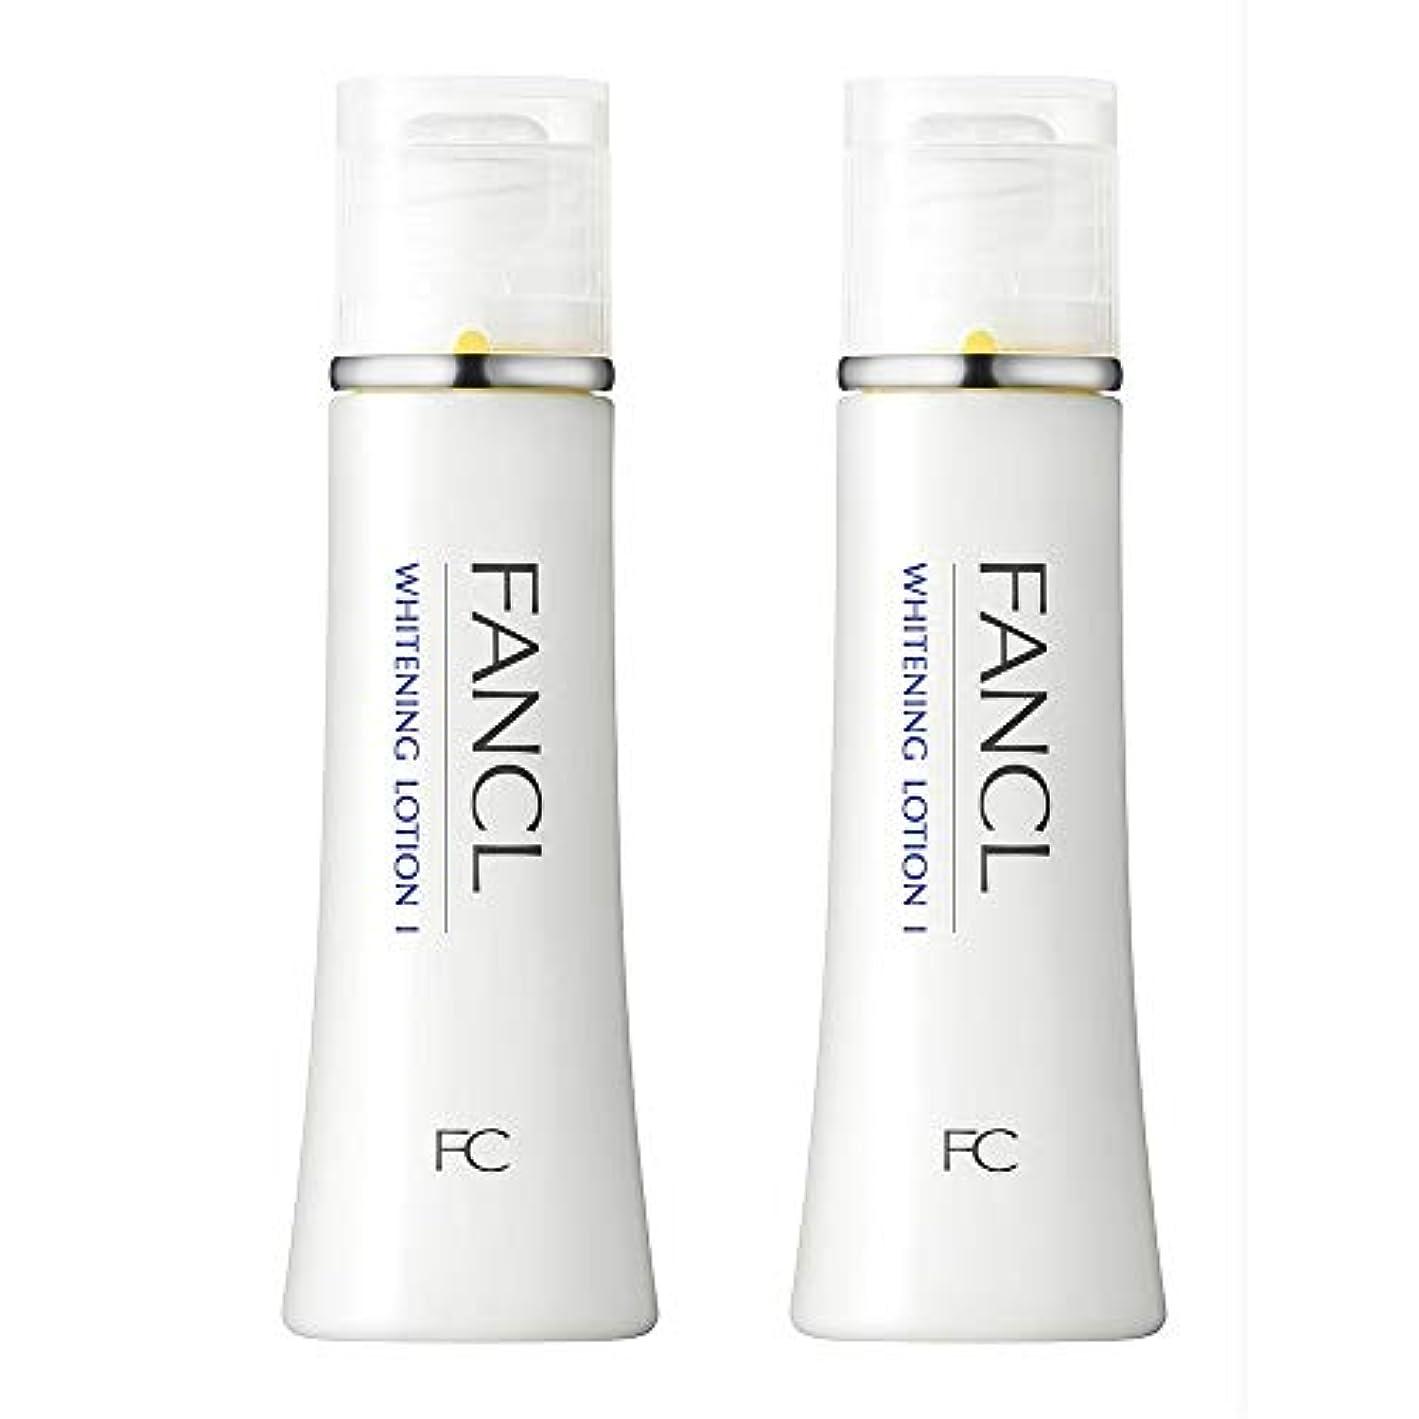 力学バイナリ競争ファンケル(FANCL) 新ホワイトニング 化粧液 I さっぱり 2本<医薬部外品>